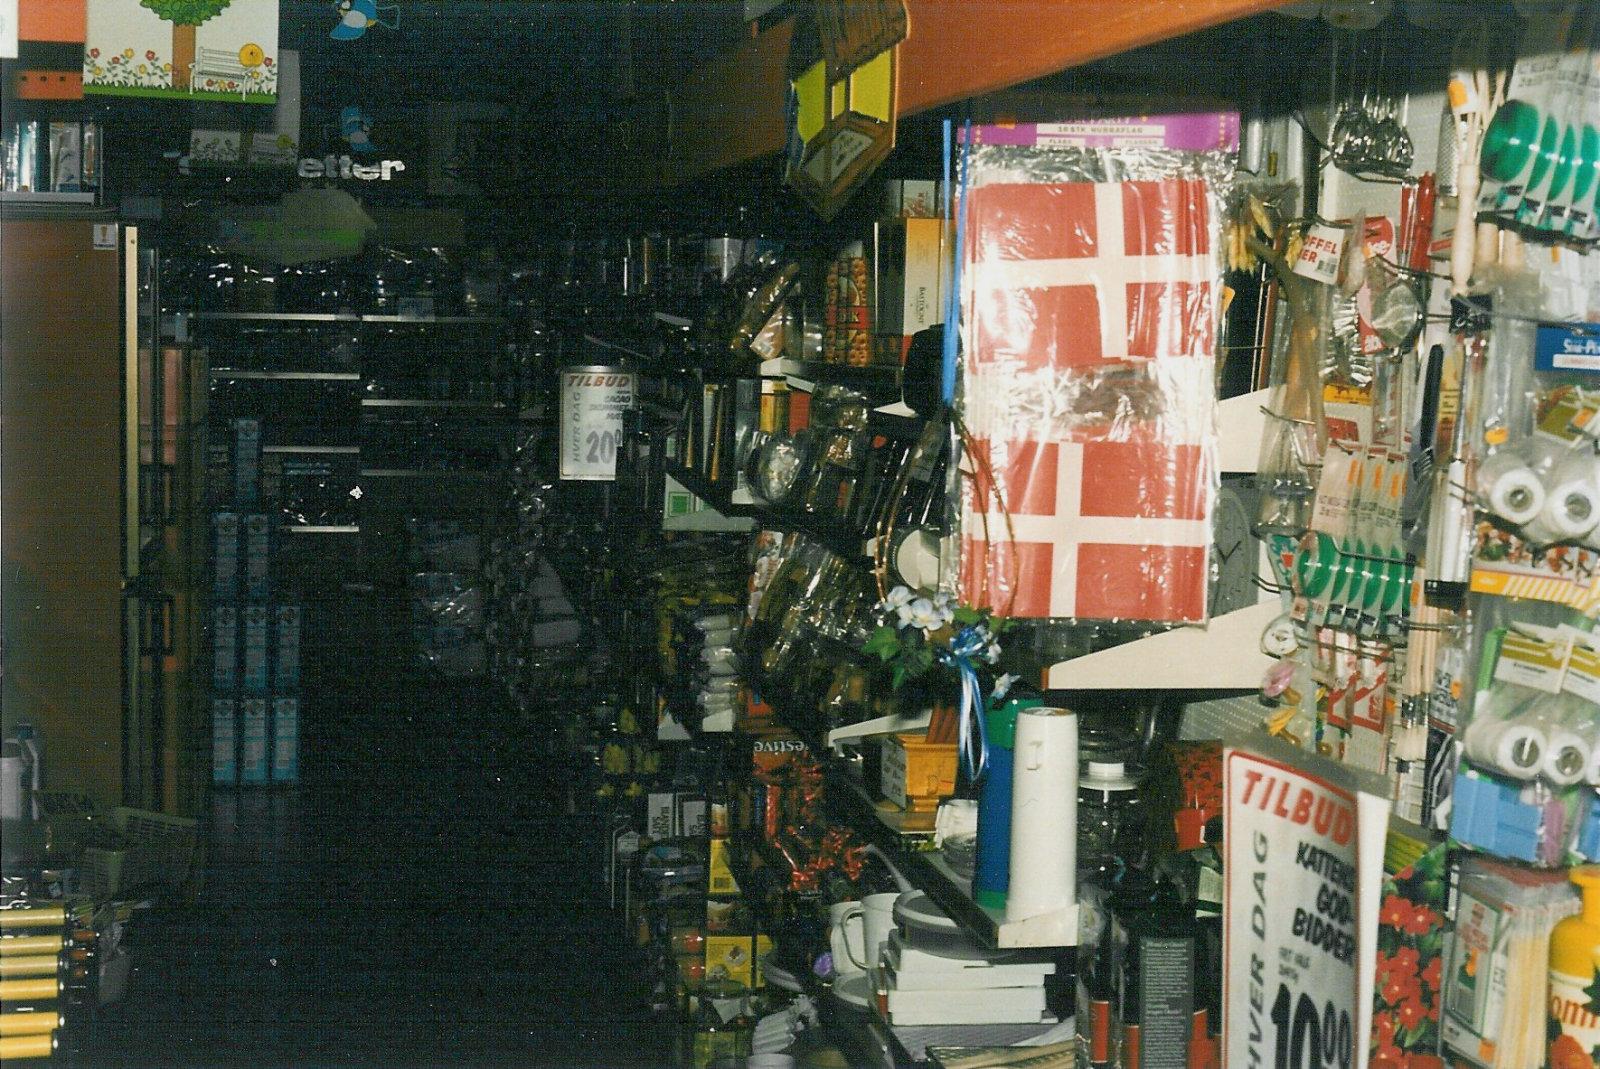 Det store butikslokale med isenkram området i forgrunden